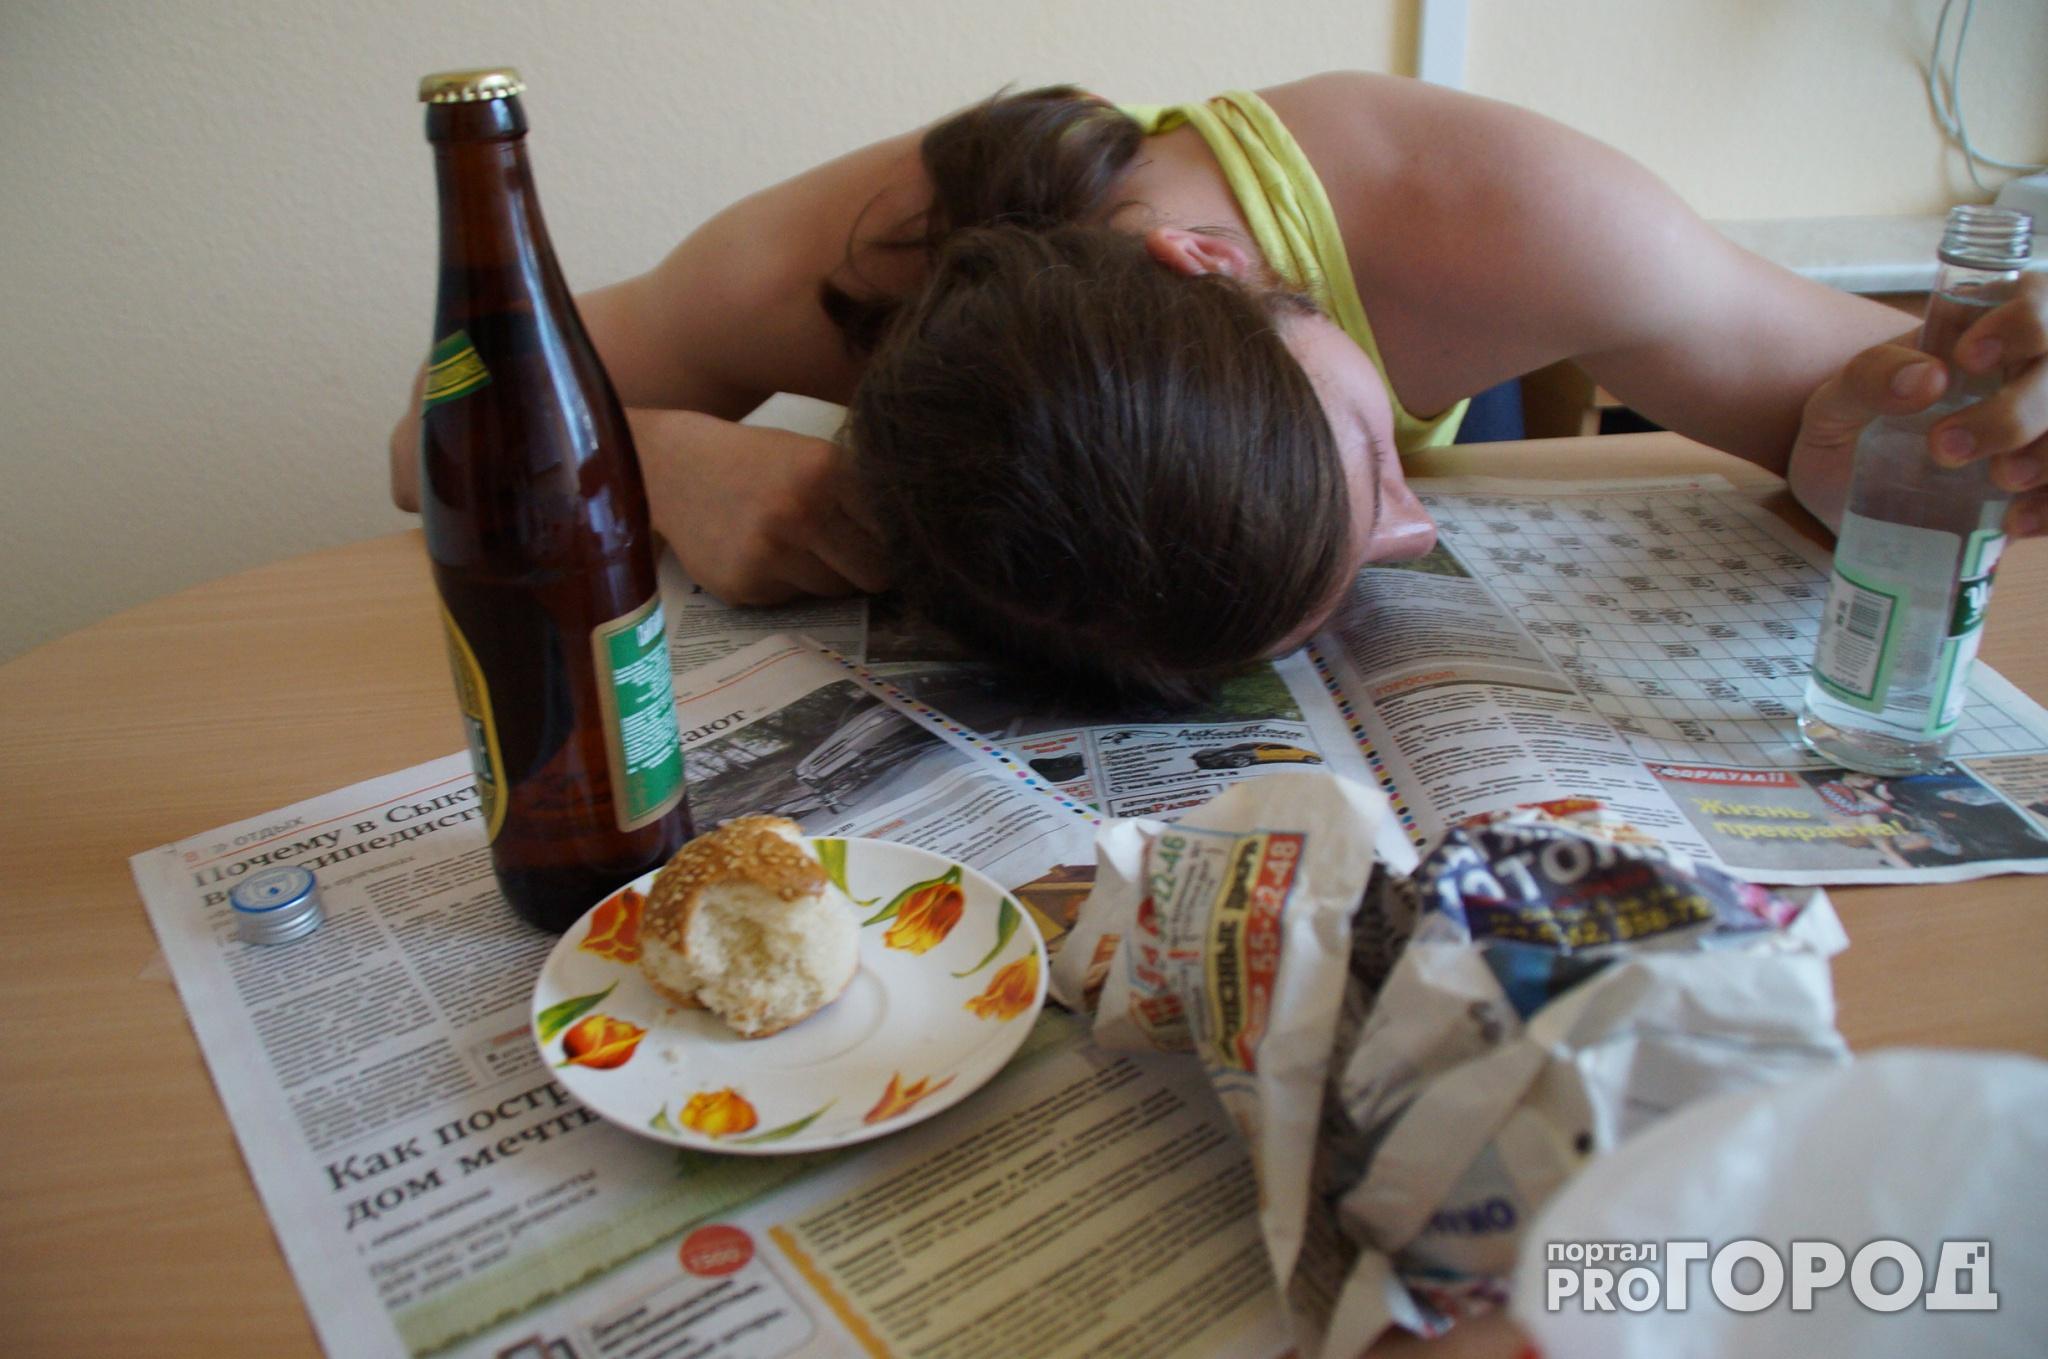 Чепчанка получила штраф за то, что пила пиво с дочерью сожителя